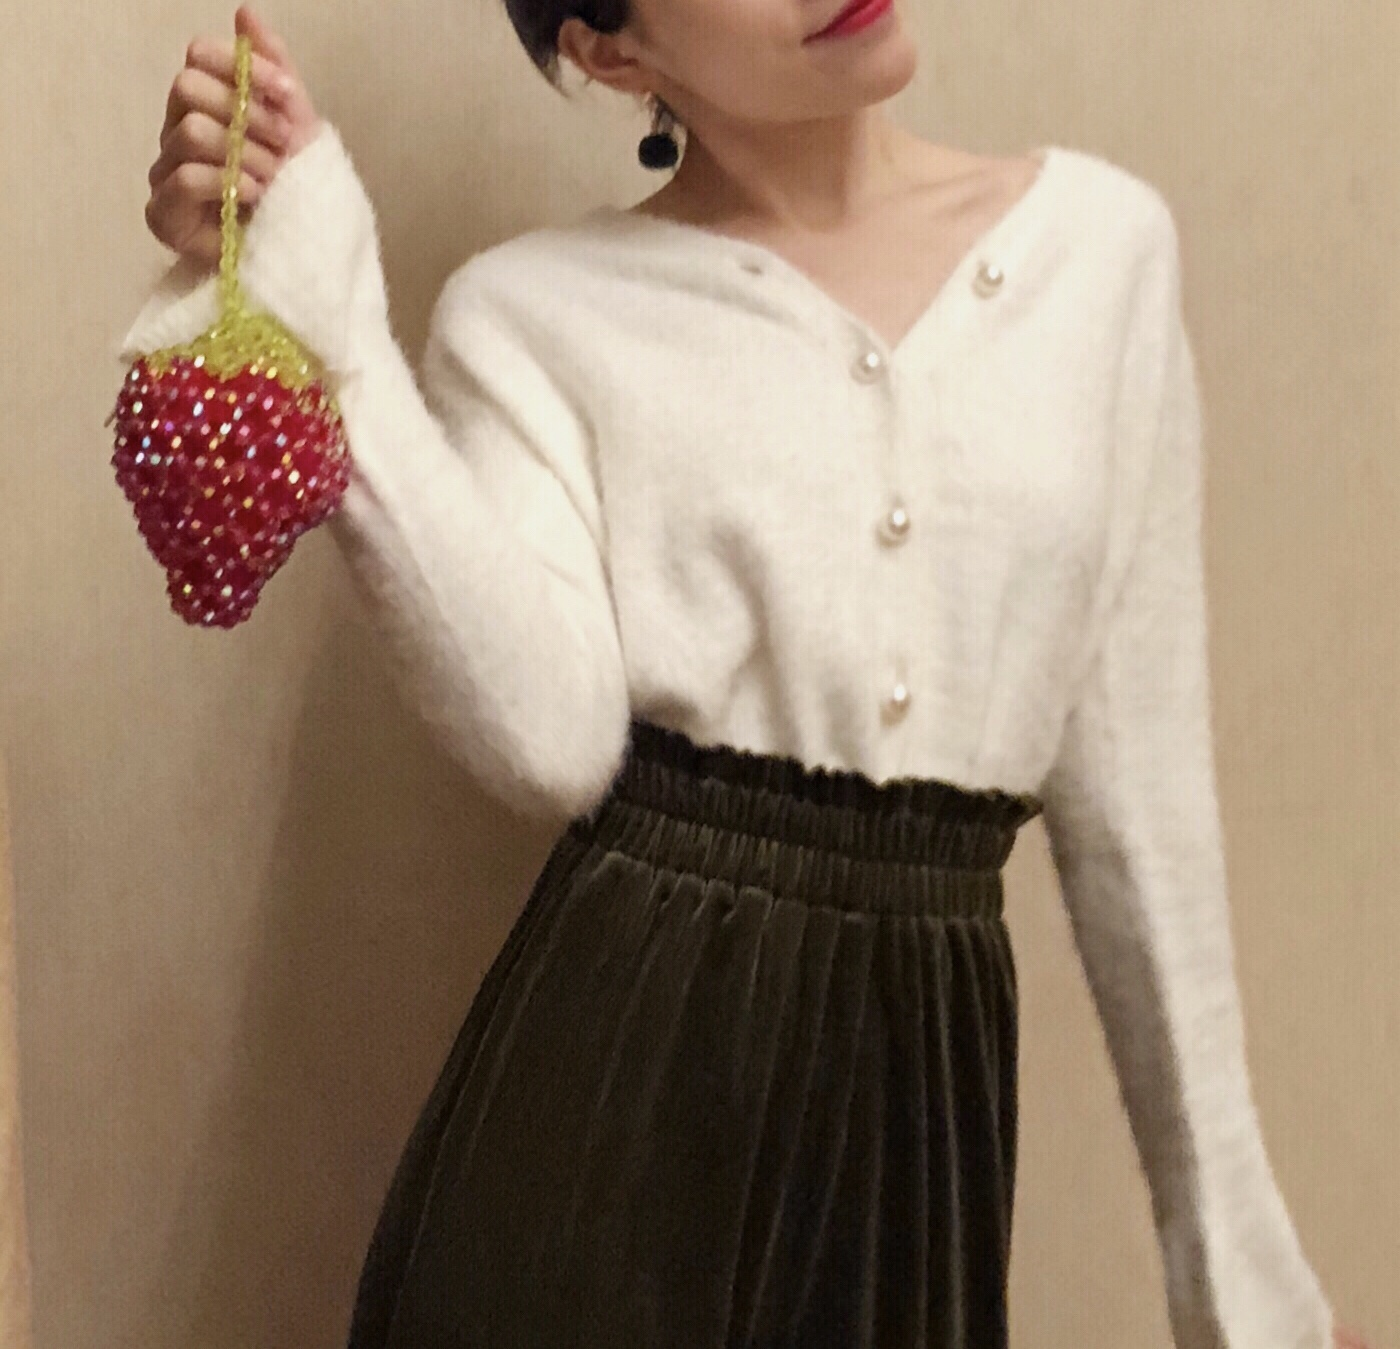 红色钱包 小众百搭潮小包包手工新款红色串珠包草莓包零钱包儿童包时尚小包_推荐淘宝好看的红色钱包